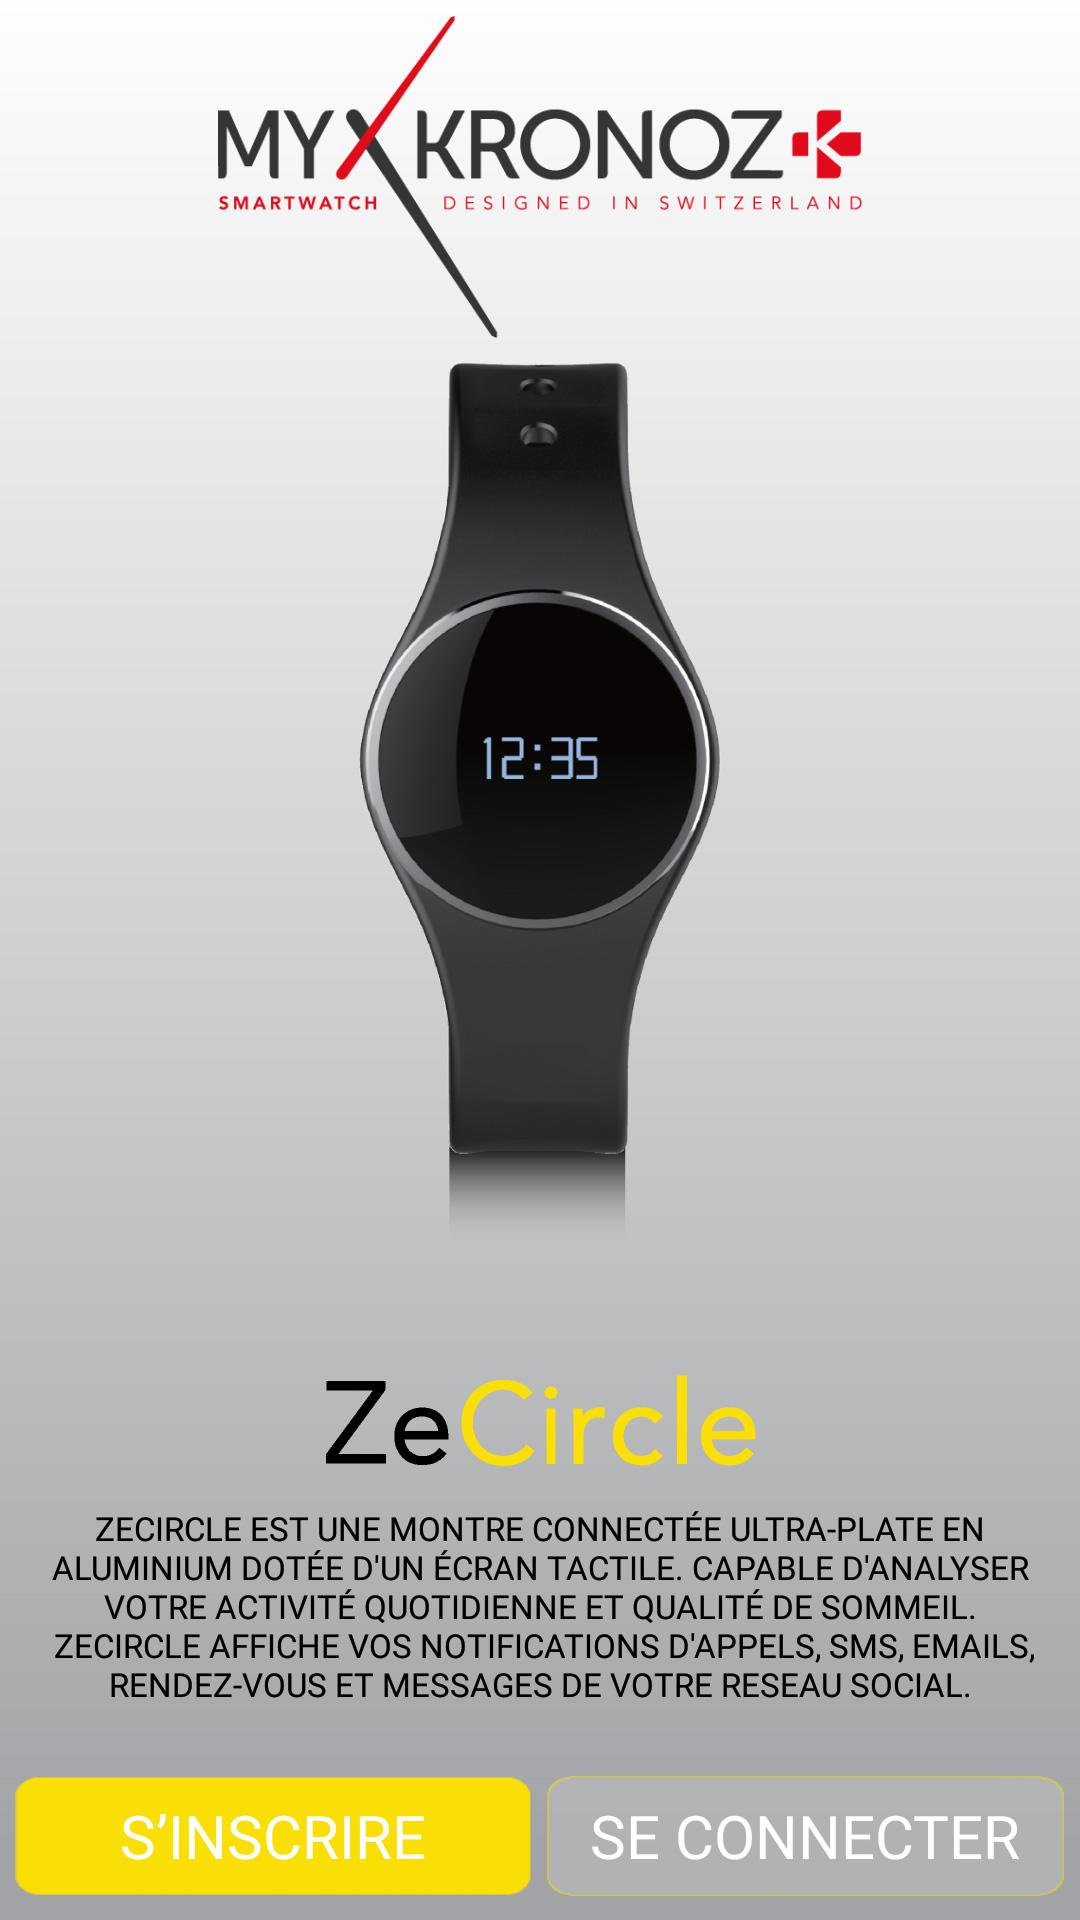 Accueil de l'application MyKronoz ZeCircle